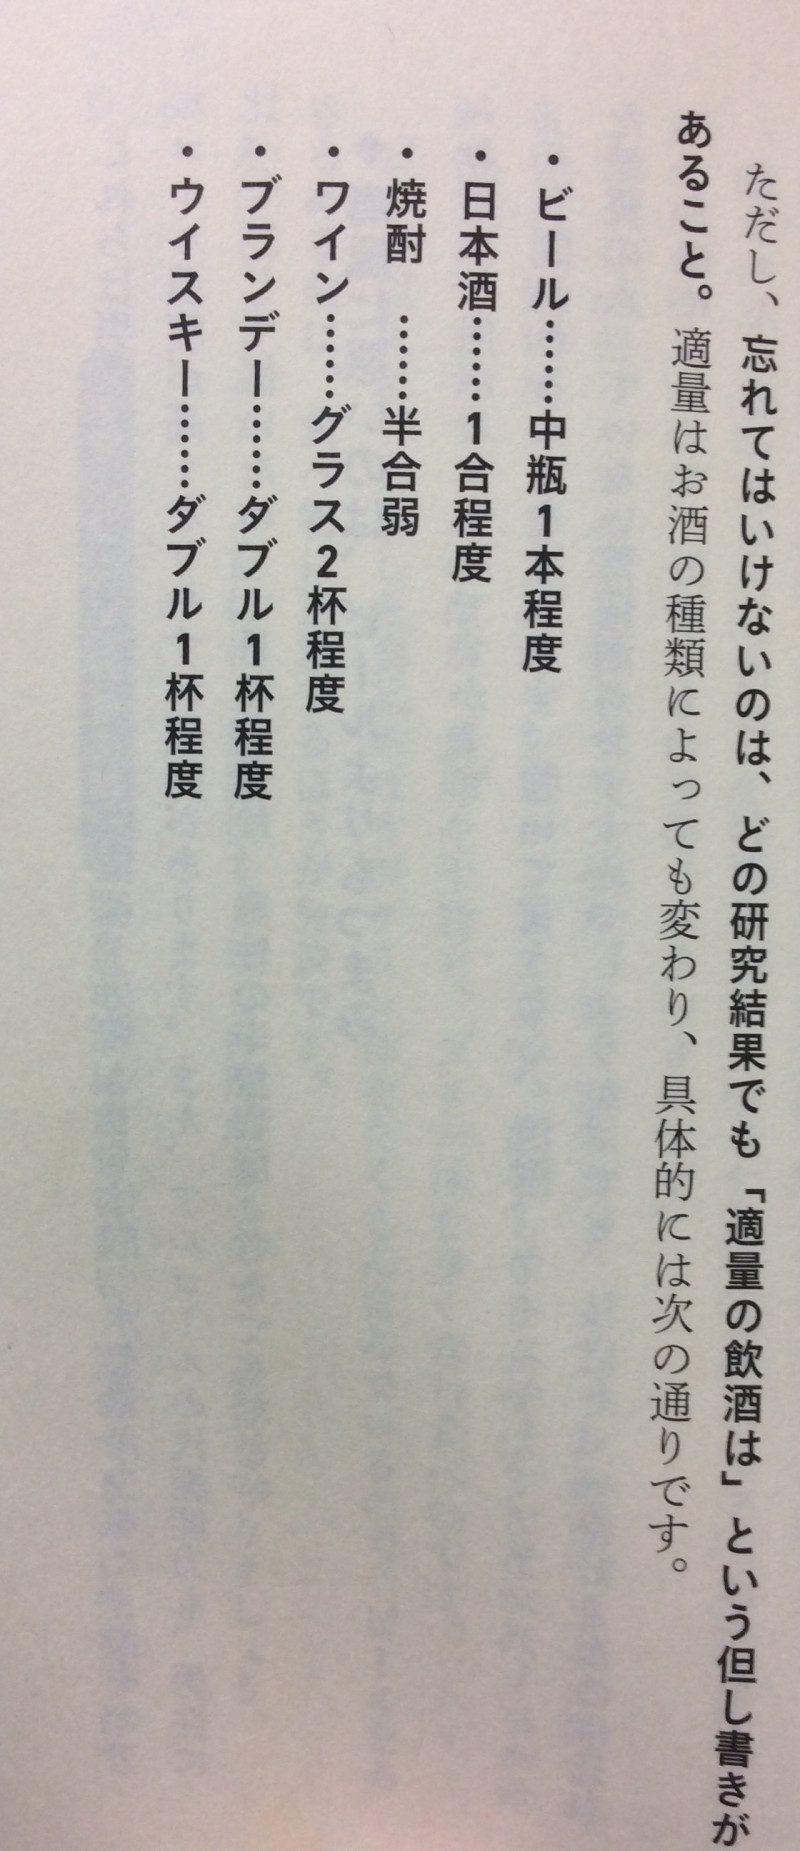 blog_import_5ac59d9b01aaa-7245295